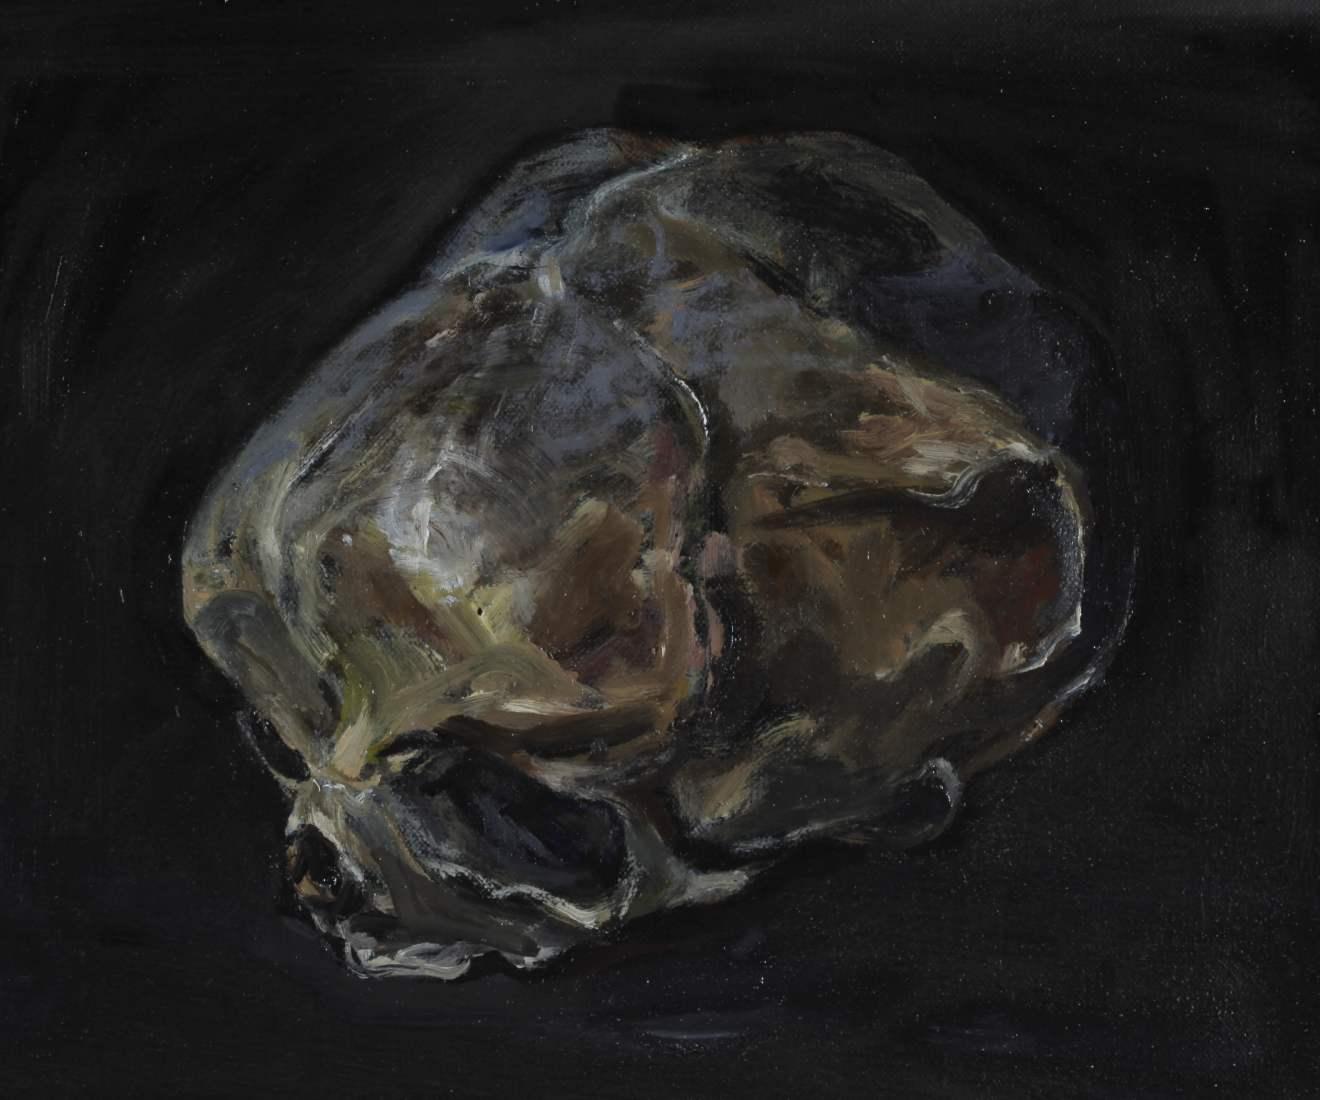 Schilderij van de schedel van een kind clair obscur klein olieverf op linnen Paul Legeland